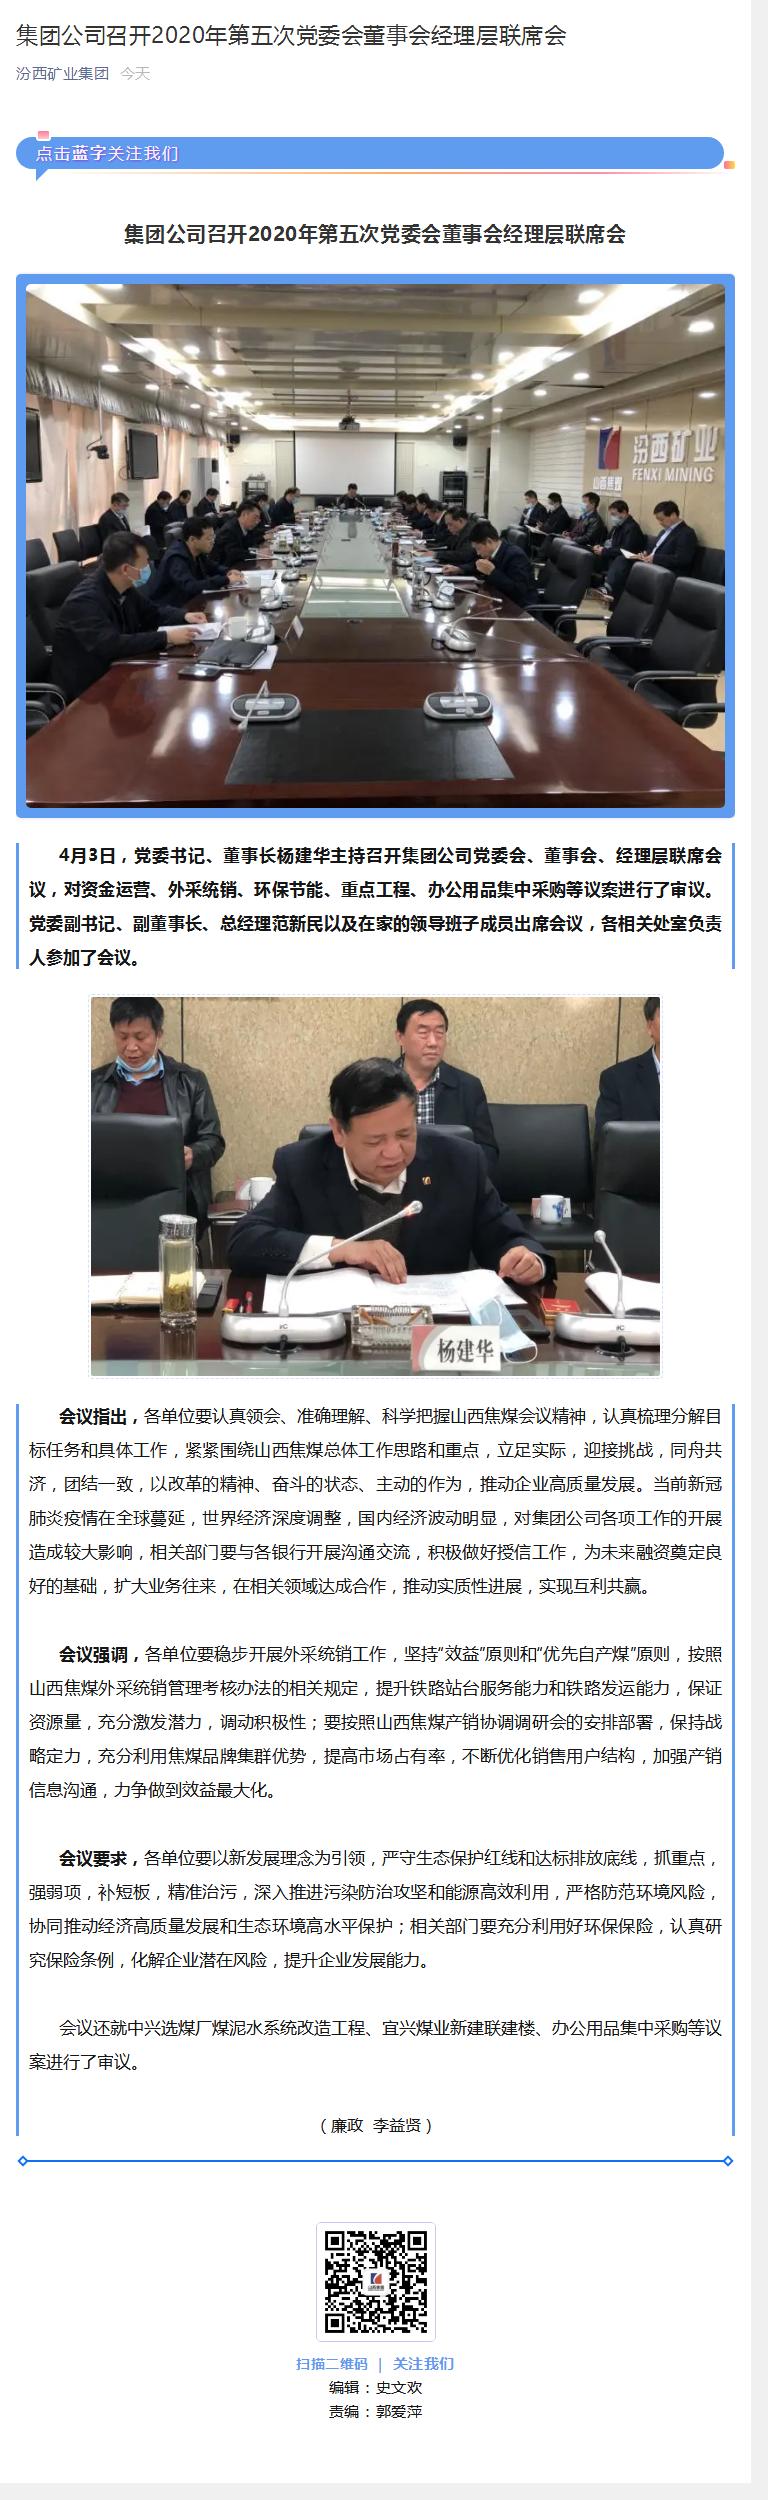 集团公司召开2020年第五次党委会董事会经理层联席会.png